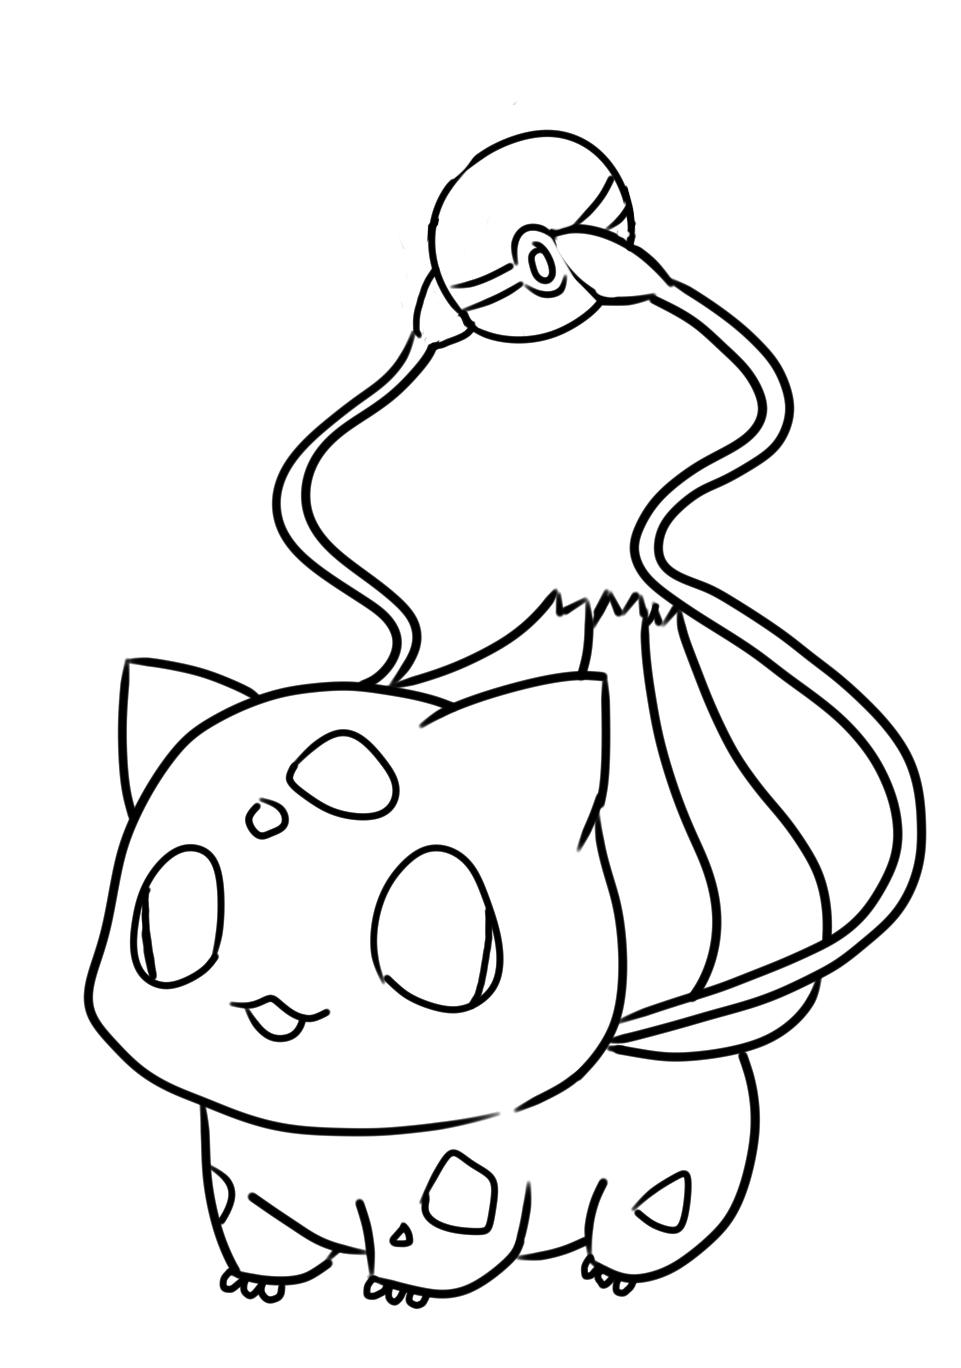 Baby Cute Easy Pokemon Coloring Pages Novocom Top